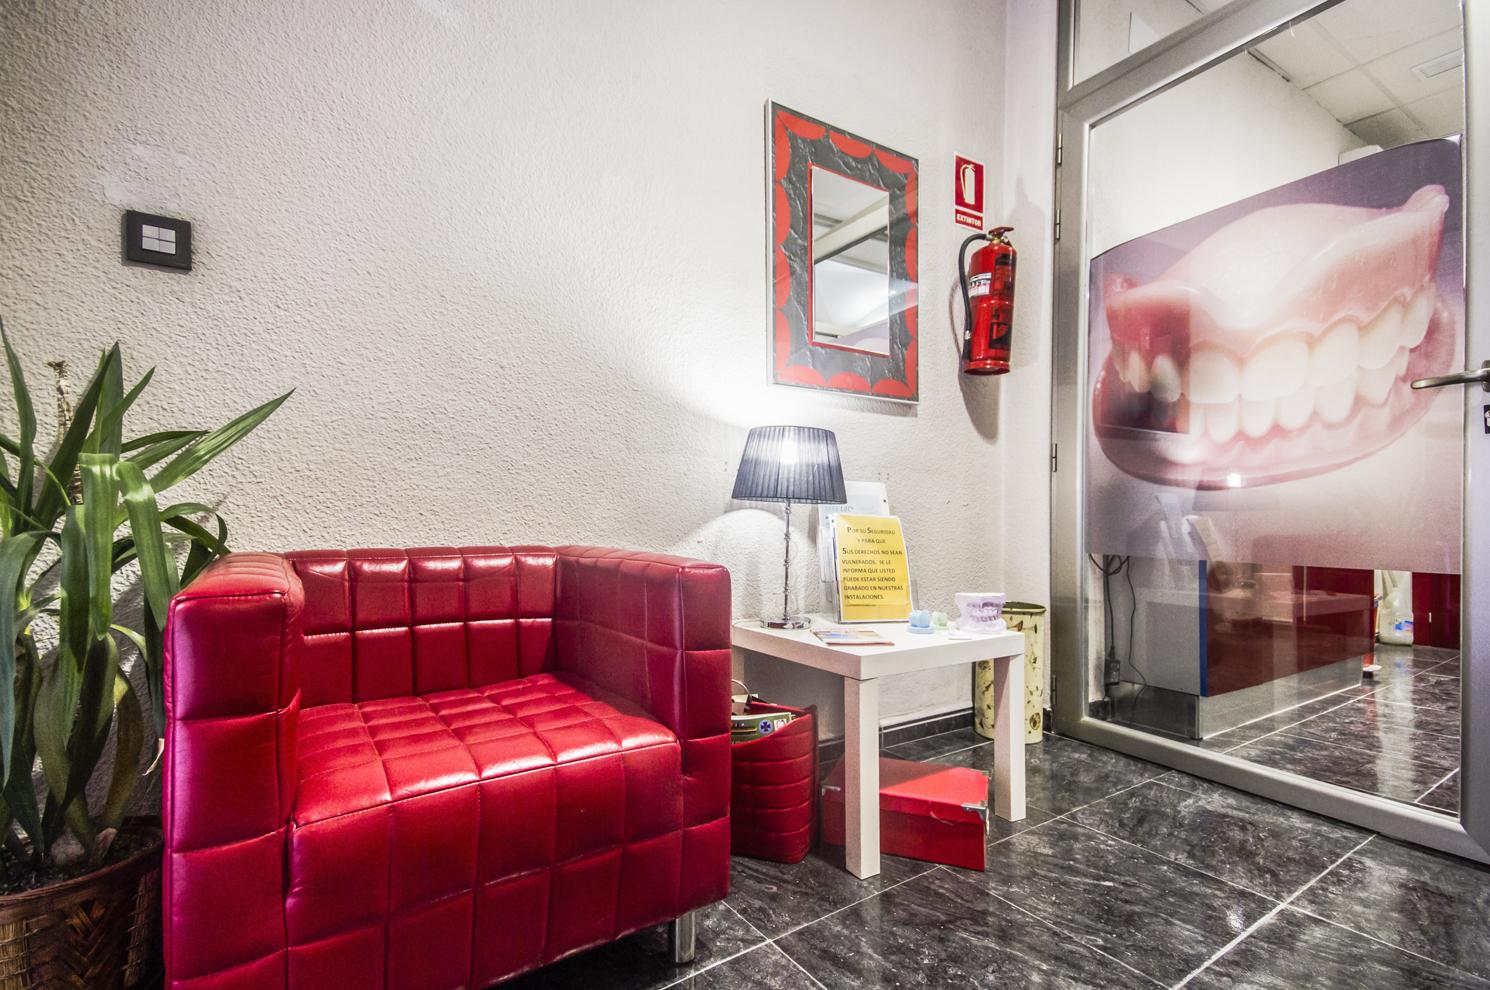 Foto 9 de Consulta de prótesis dentales en Jaén | Dental Tucci